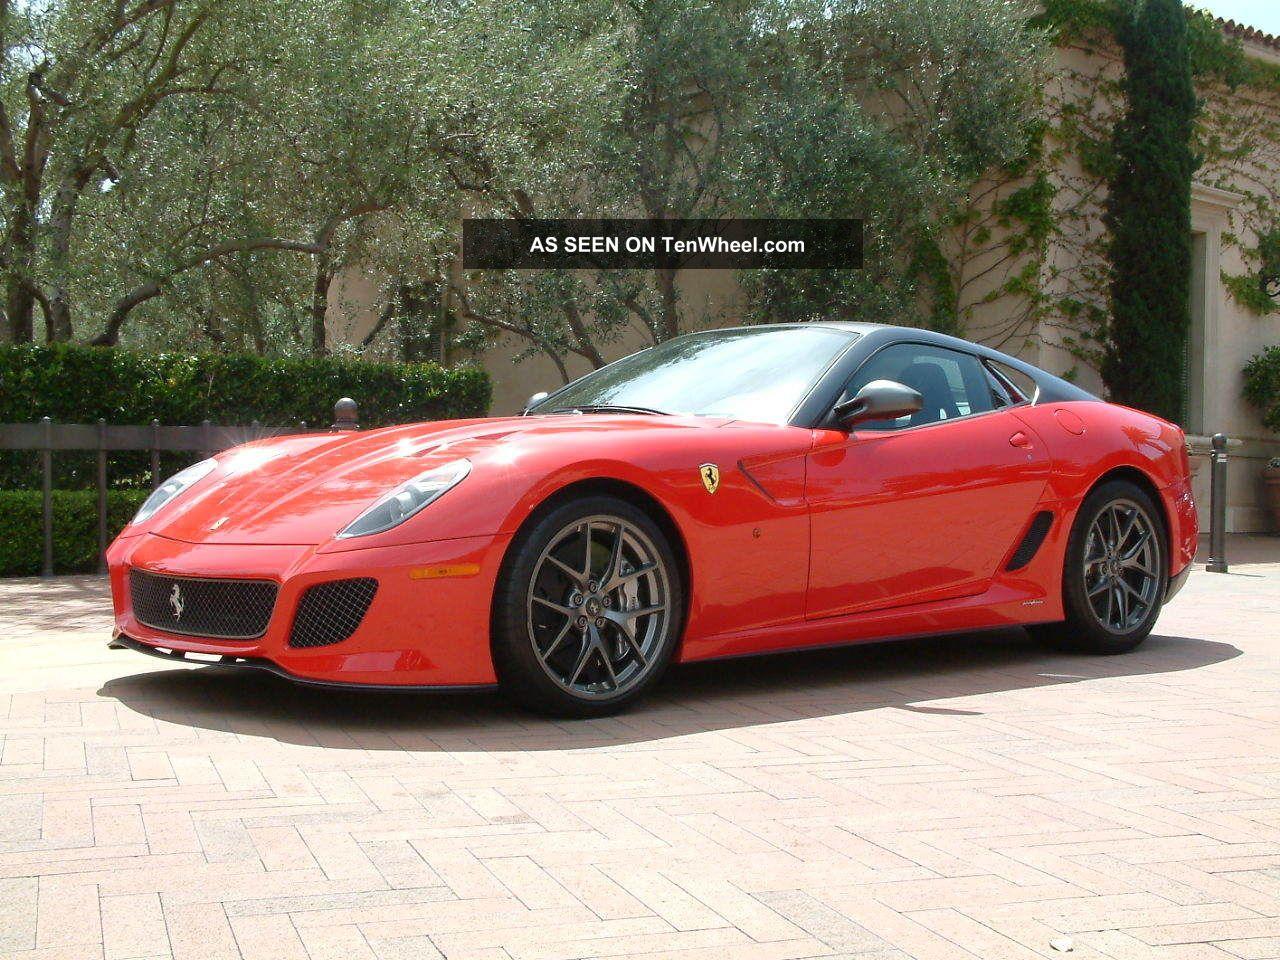 2011 Ferrari 599 Gto 599 photo